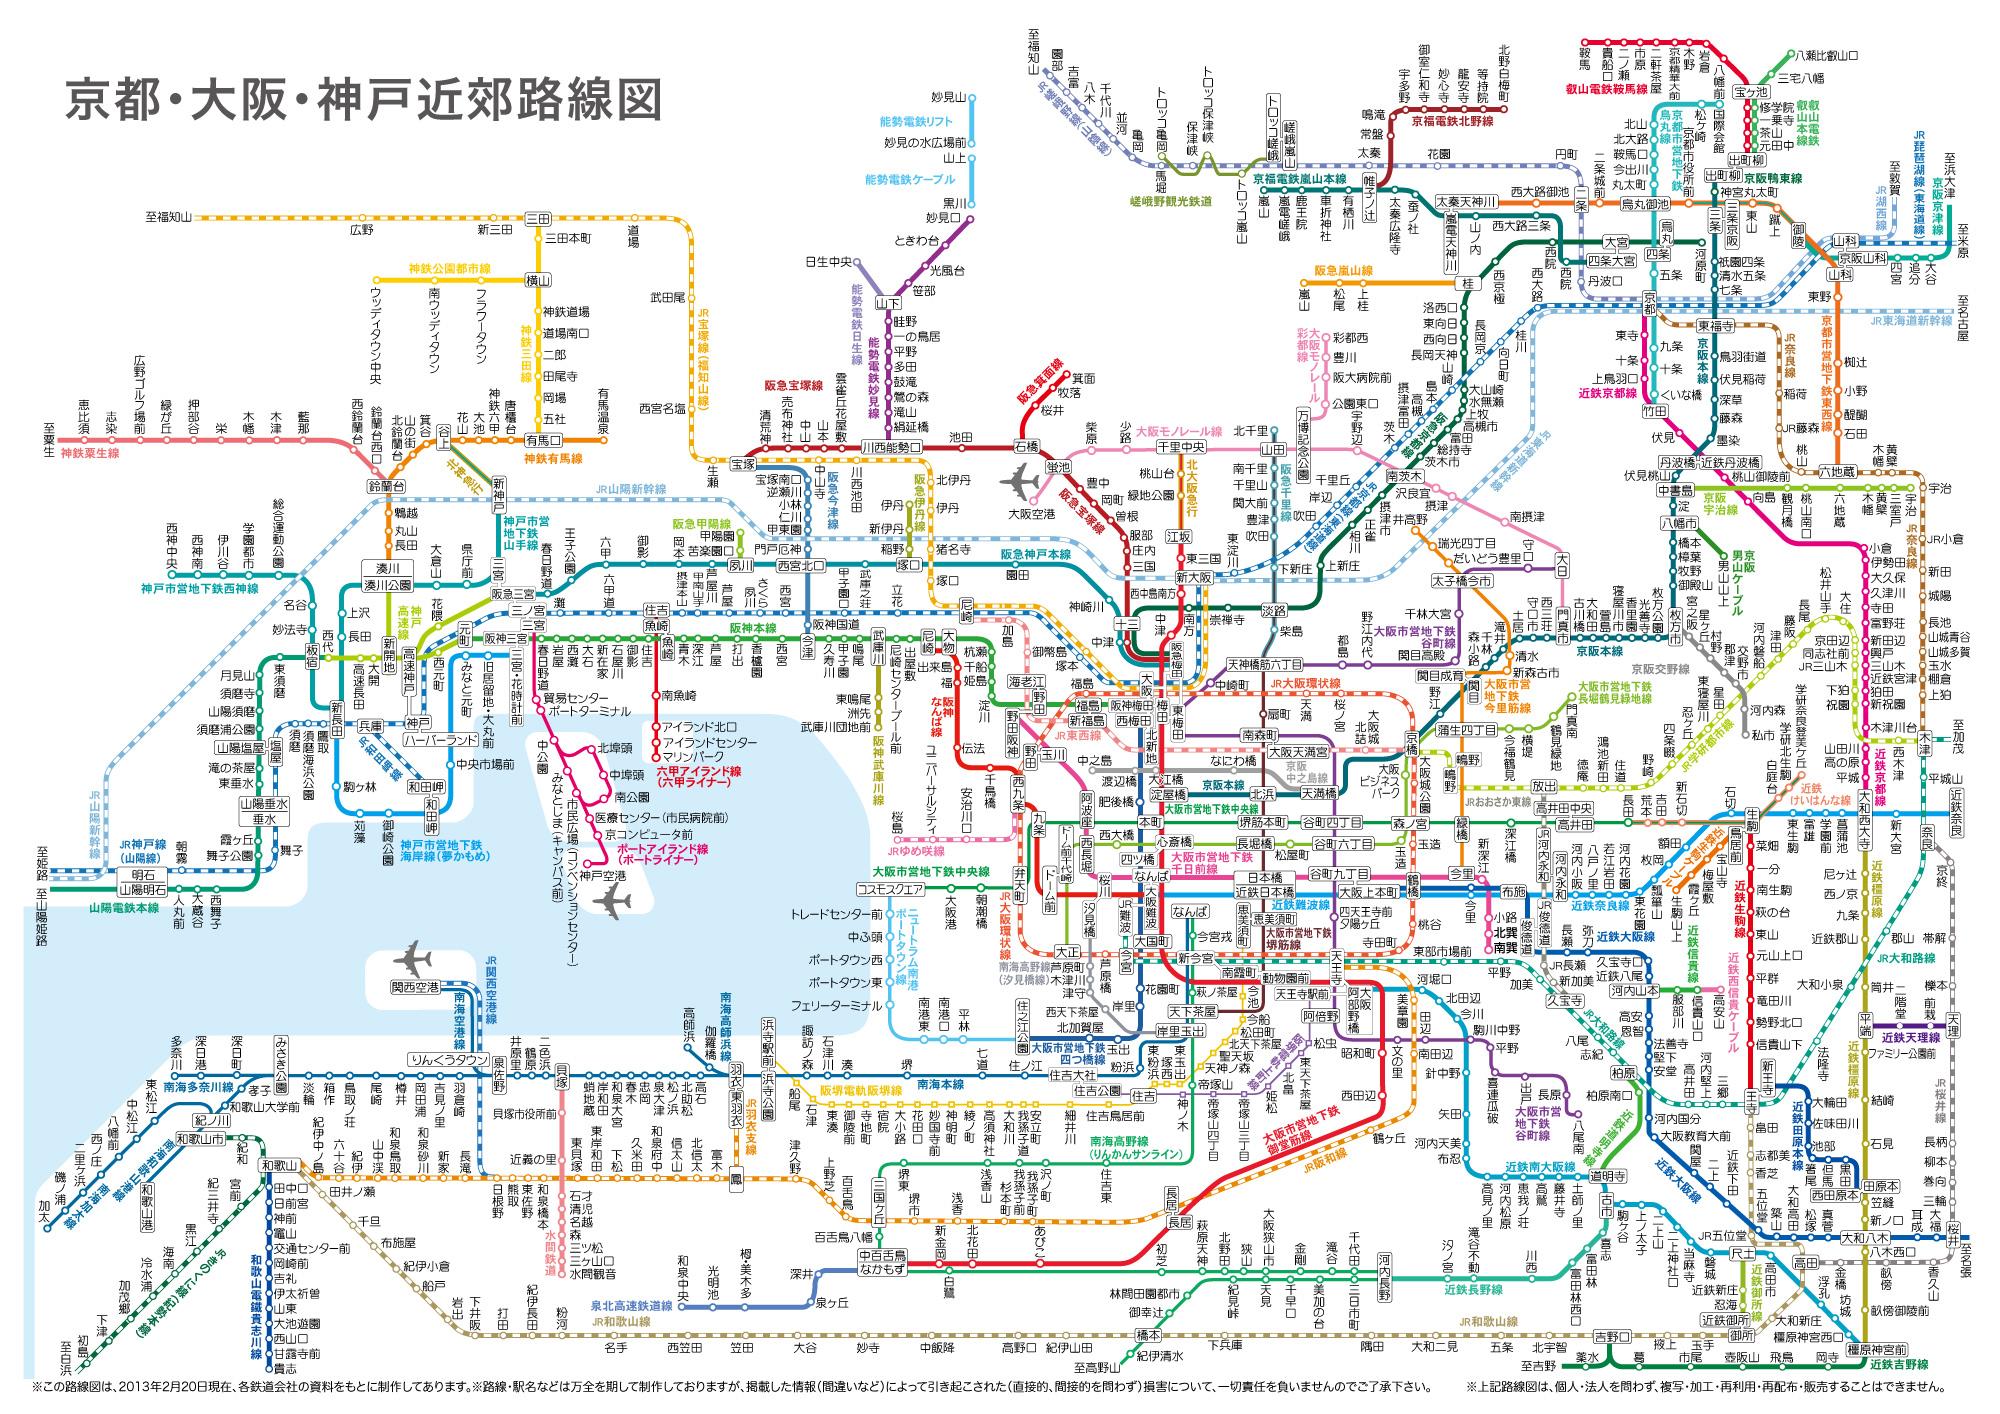 大阪・京都・神戸の路線図  大阪・京都・近畿周辺の路線図【地下鉄・JR】 , NAVER まとめ